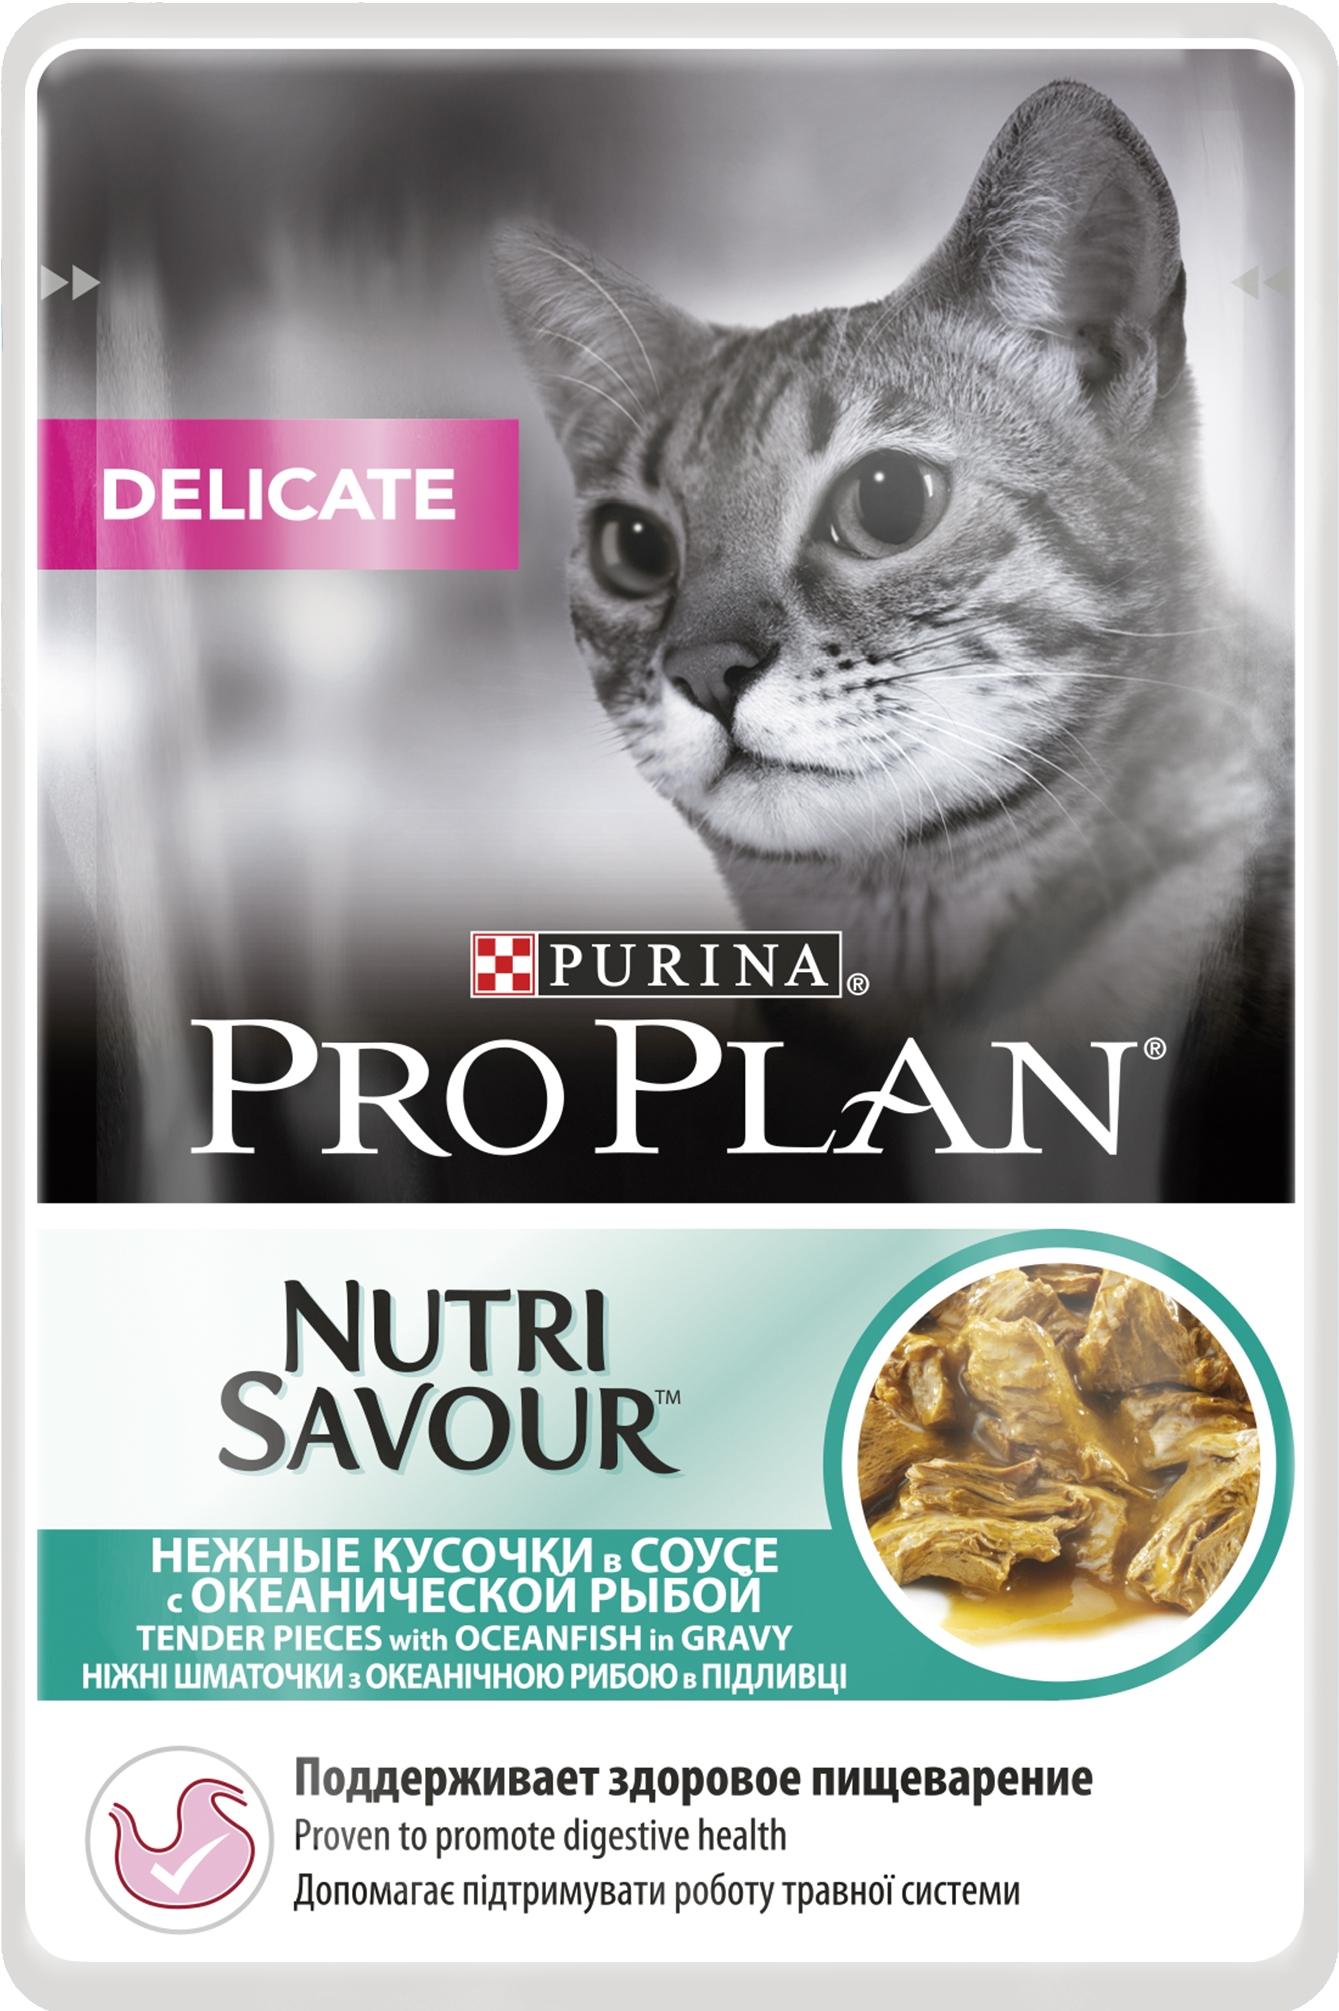 Purina Pro Plan Delicate Nutrisavour Plic Cu Peste Oceanic 85 Gr 10 Plicuri Plus 2 Plicuri Gratis shop4pet.ro